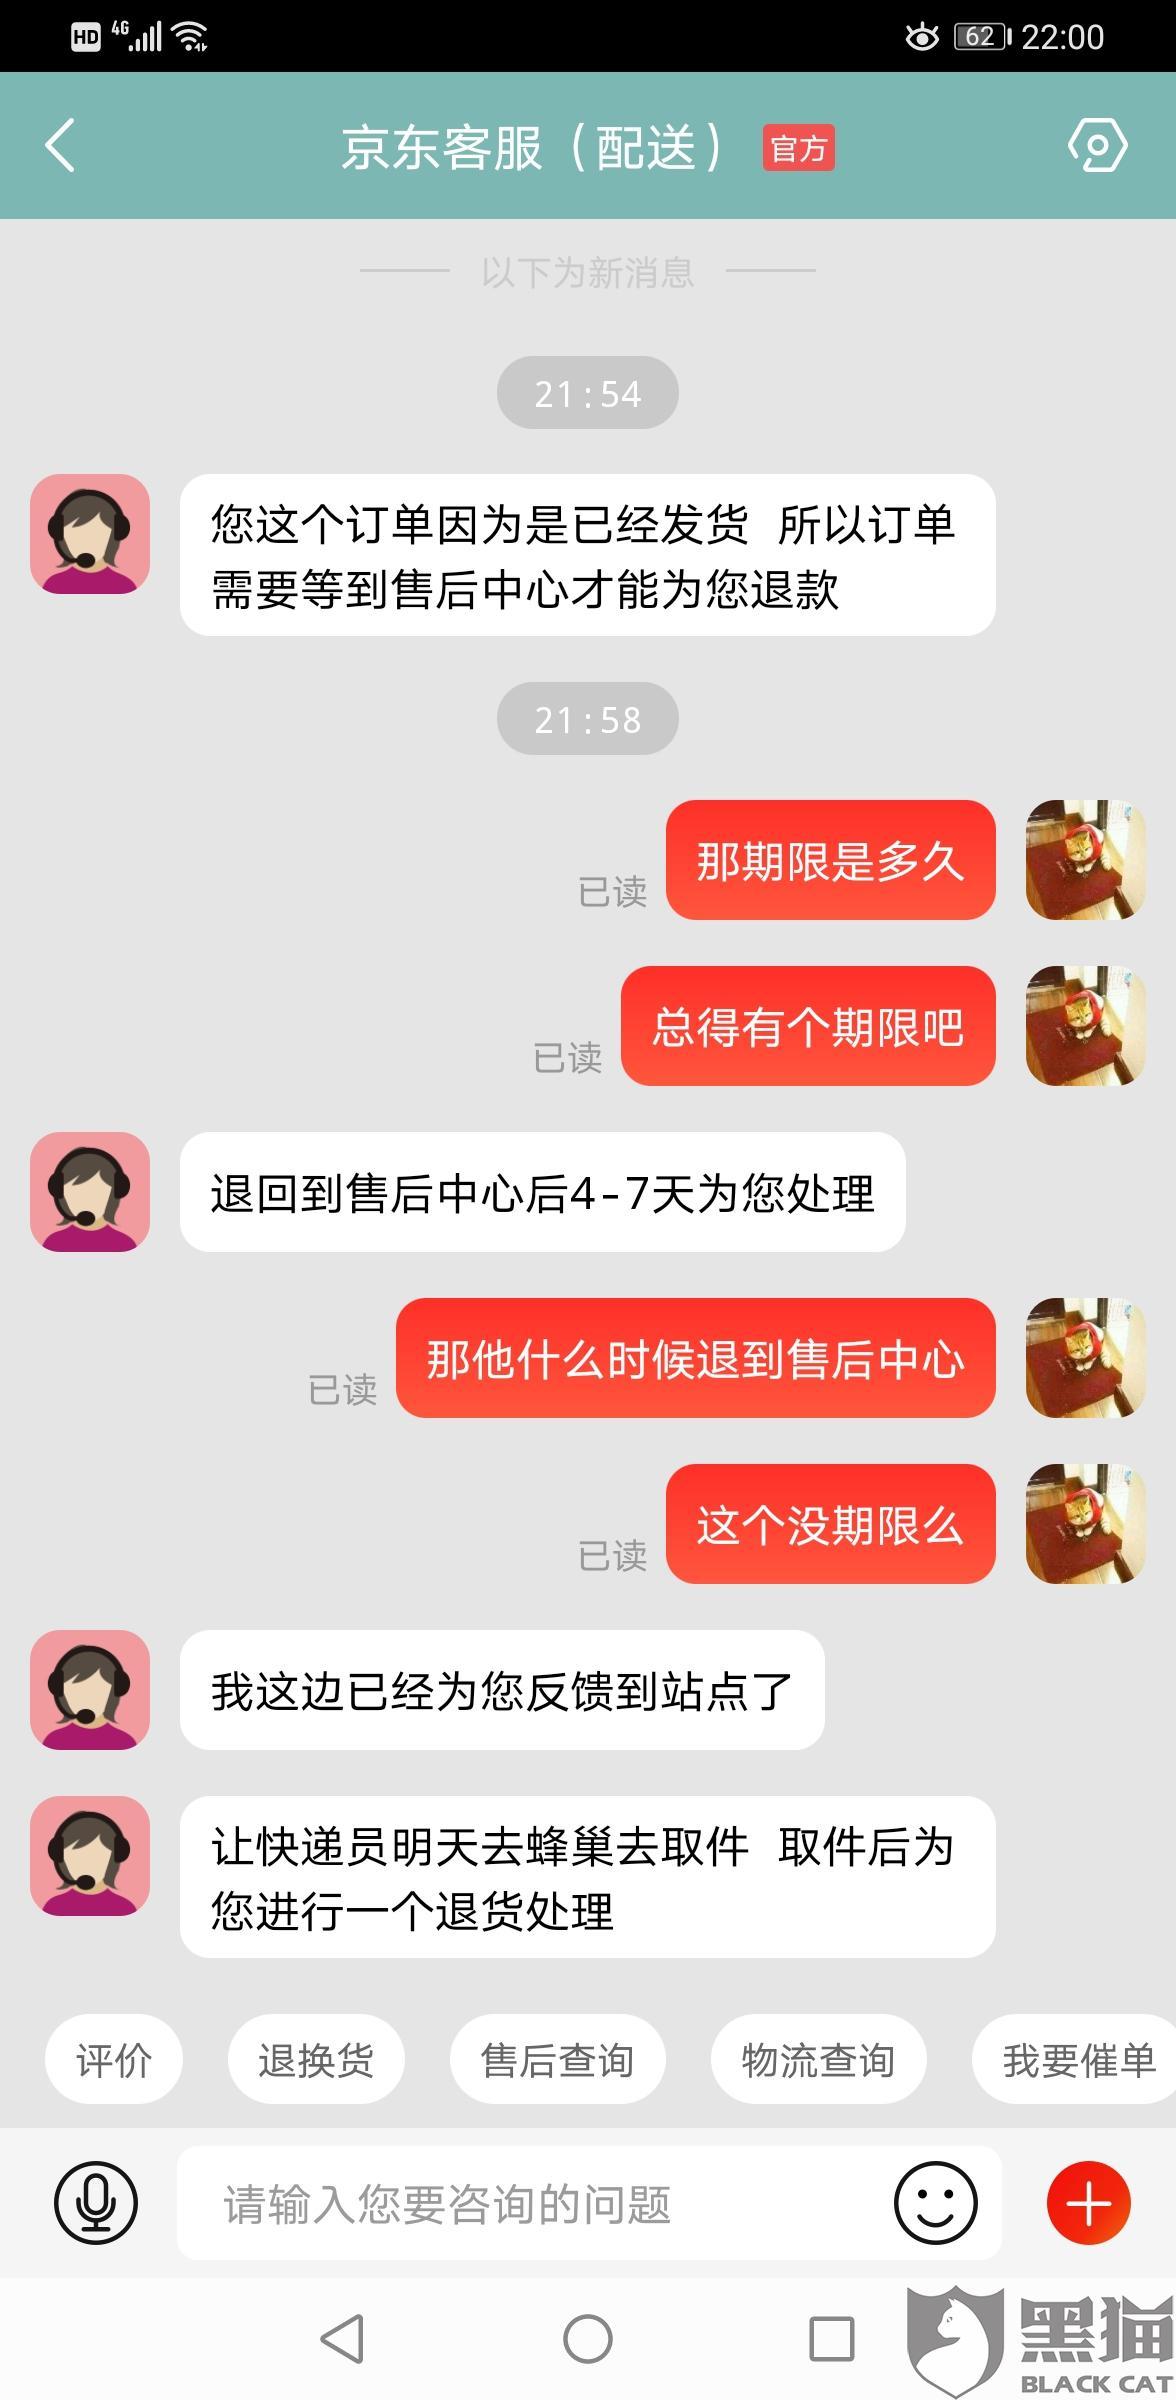 黑猫投诉:满口谎言的快递员!!!京东快退我钱